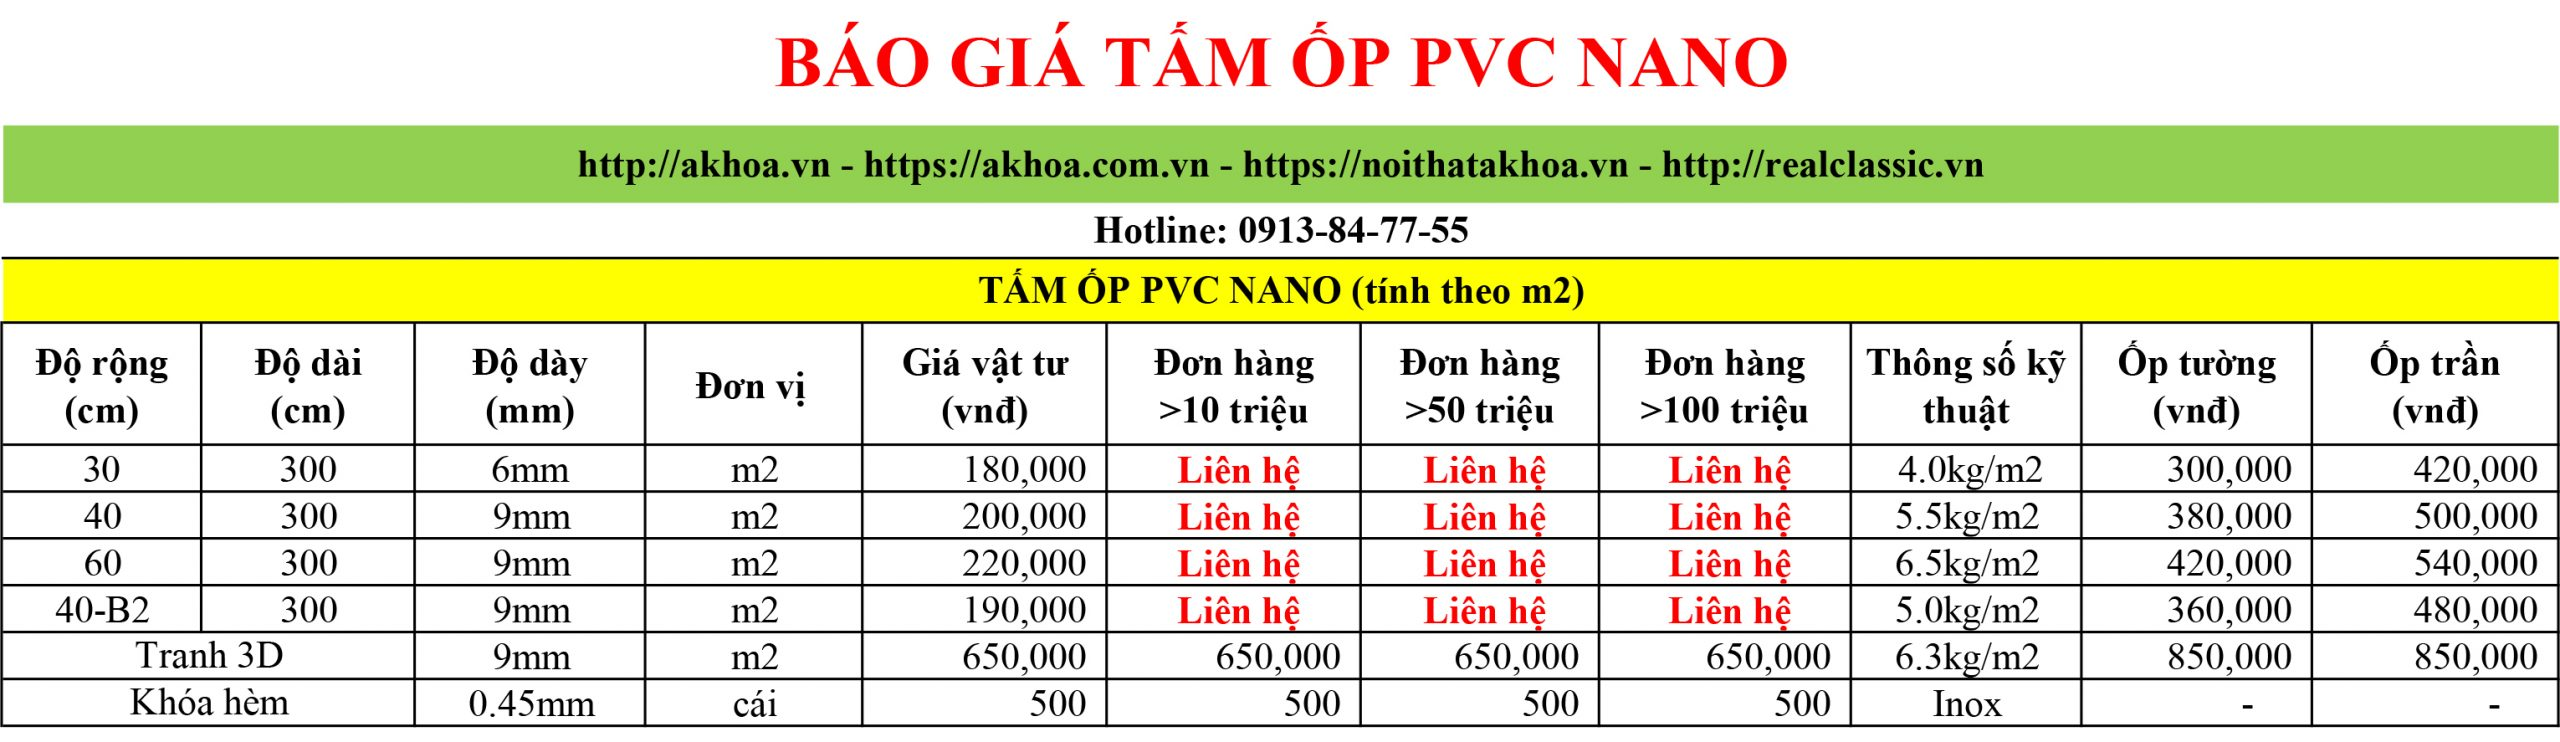 Bảng giá bán tấm ốp tường Nano tại Nội thất Akhoa chi tiết nhất